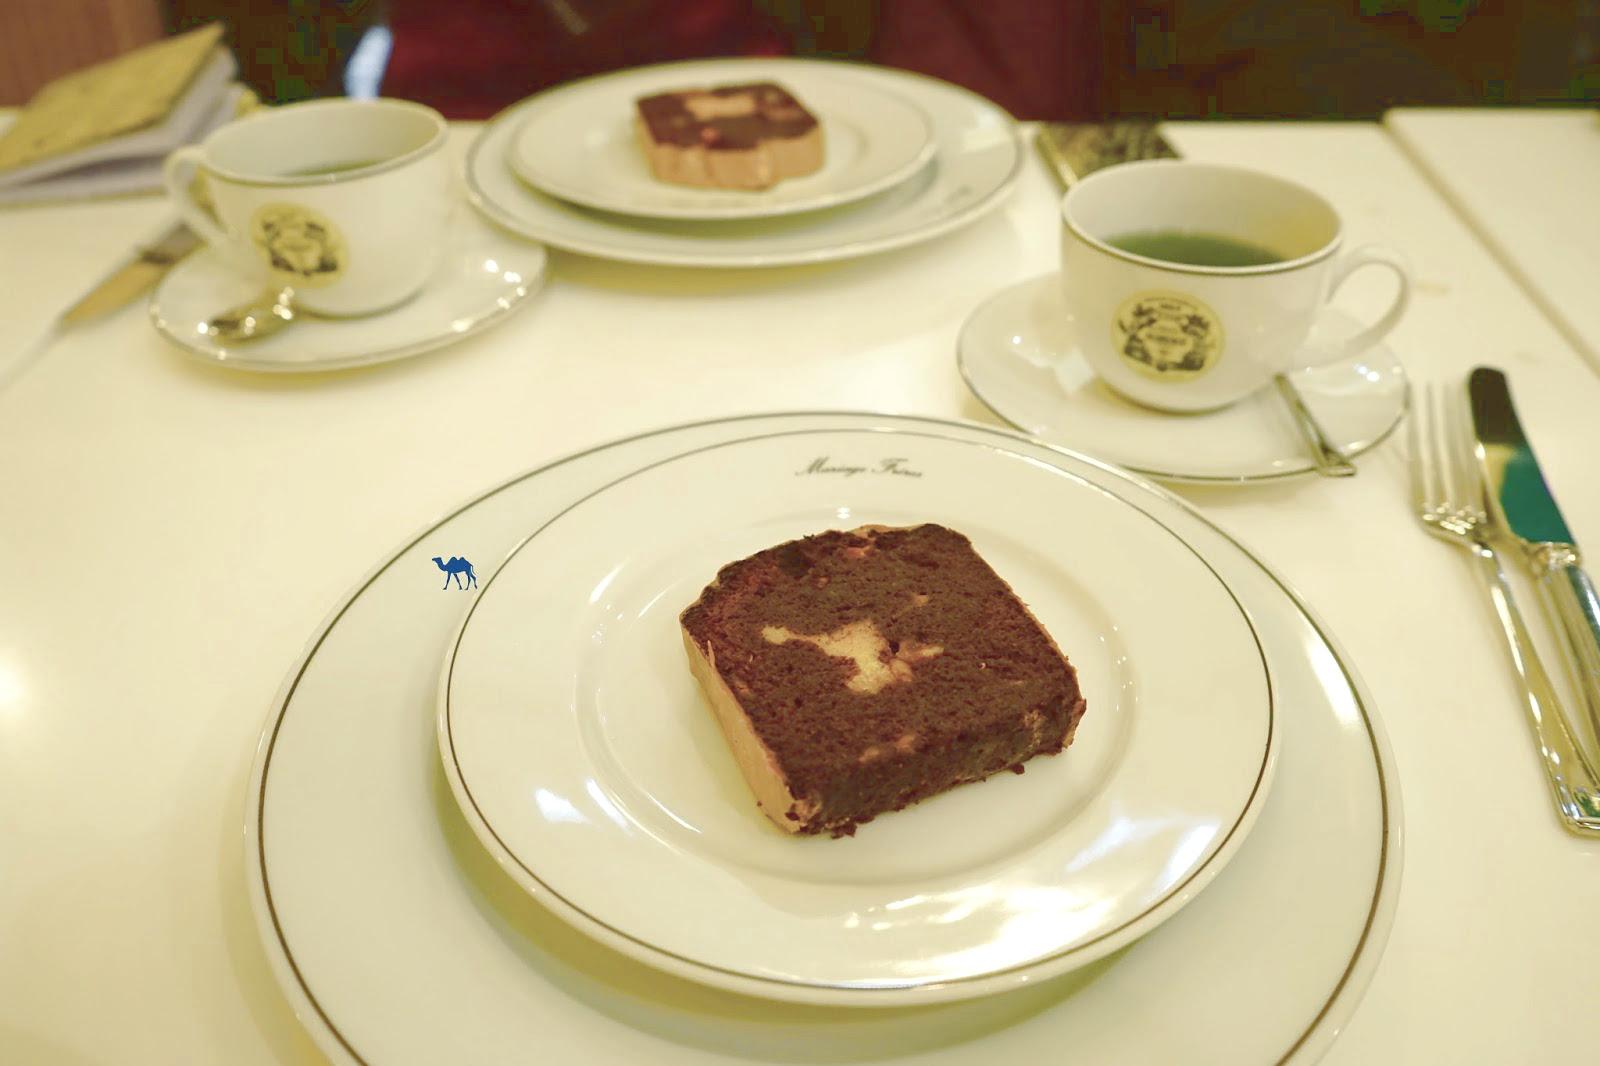 Le Chameau Bleu - Tea Time au salon de thé de  Mariage Frères Paris